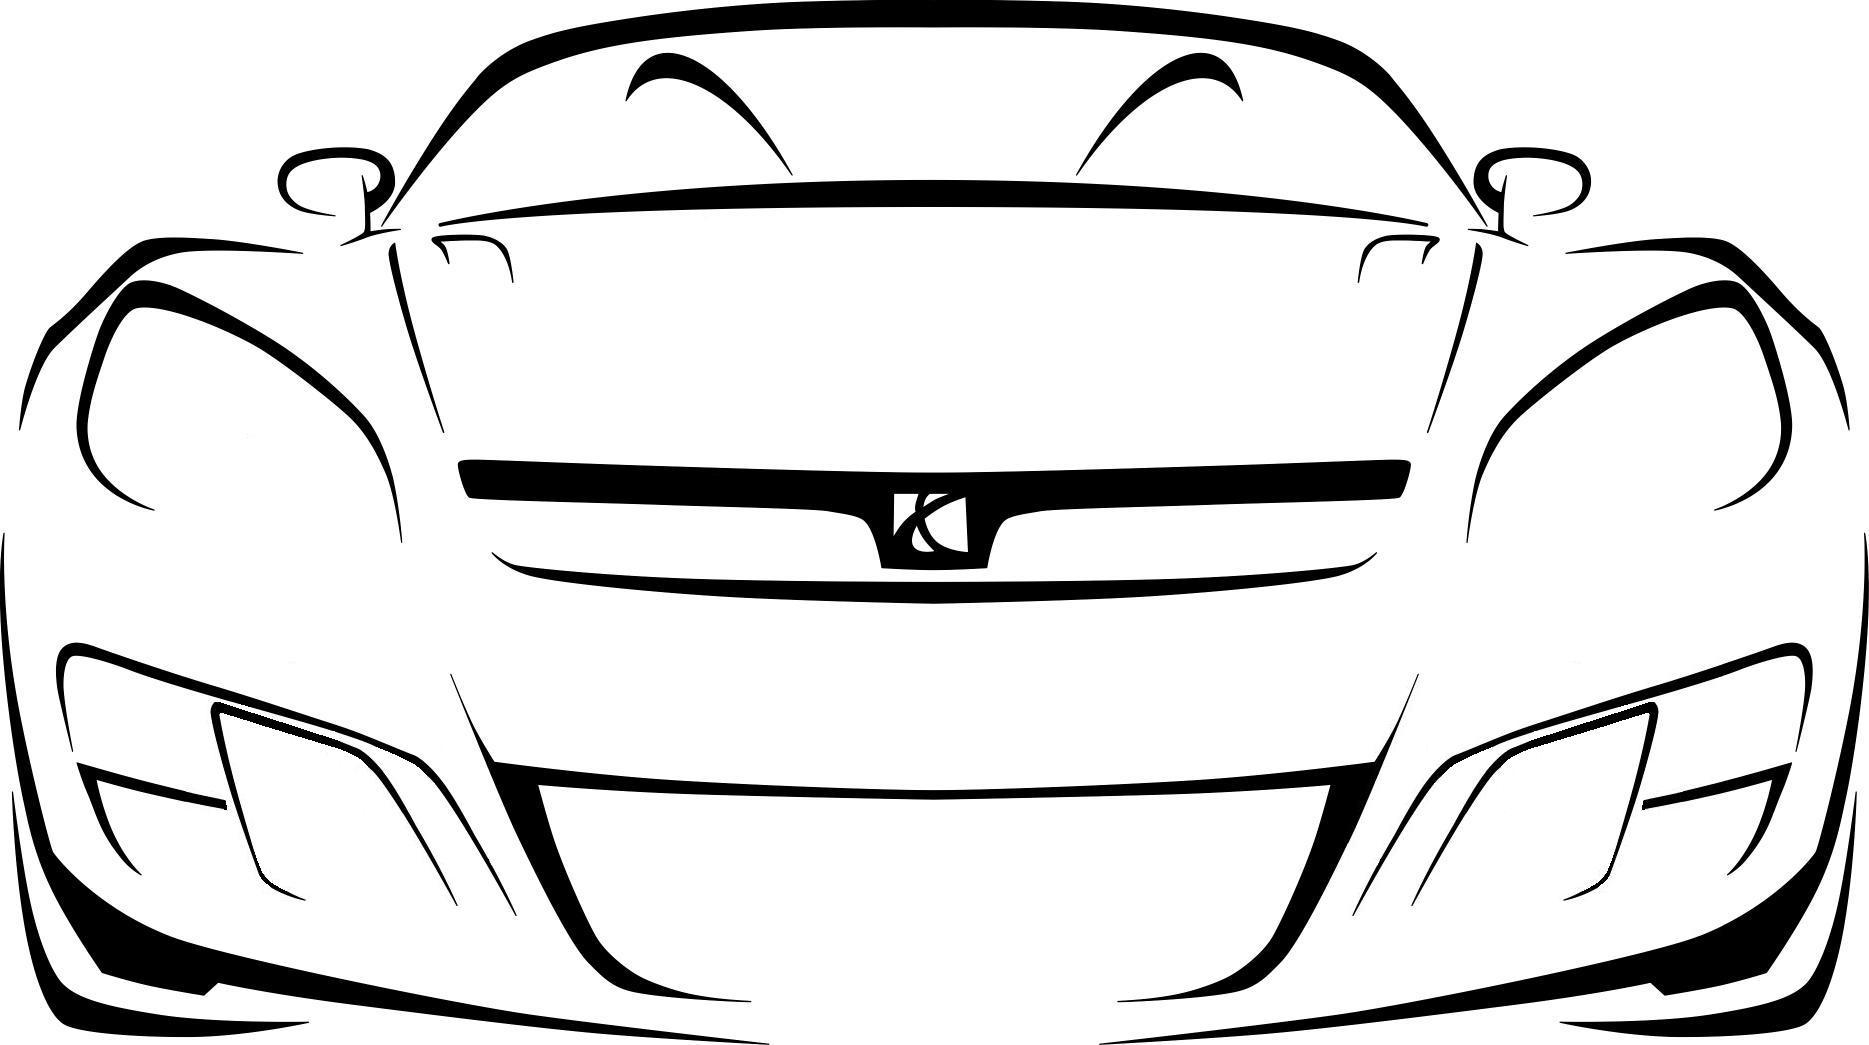 Race Car Outline - Cliparts.co